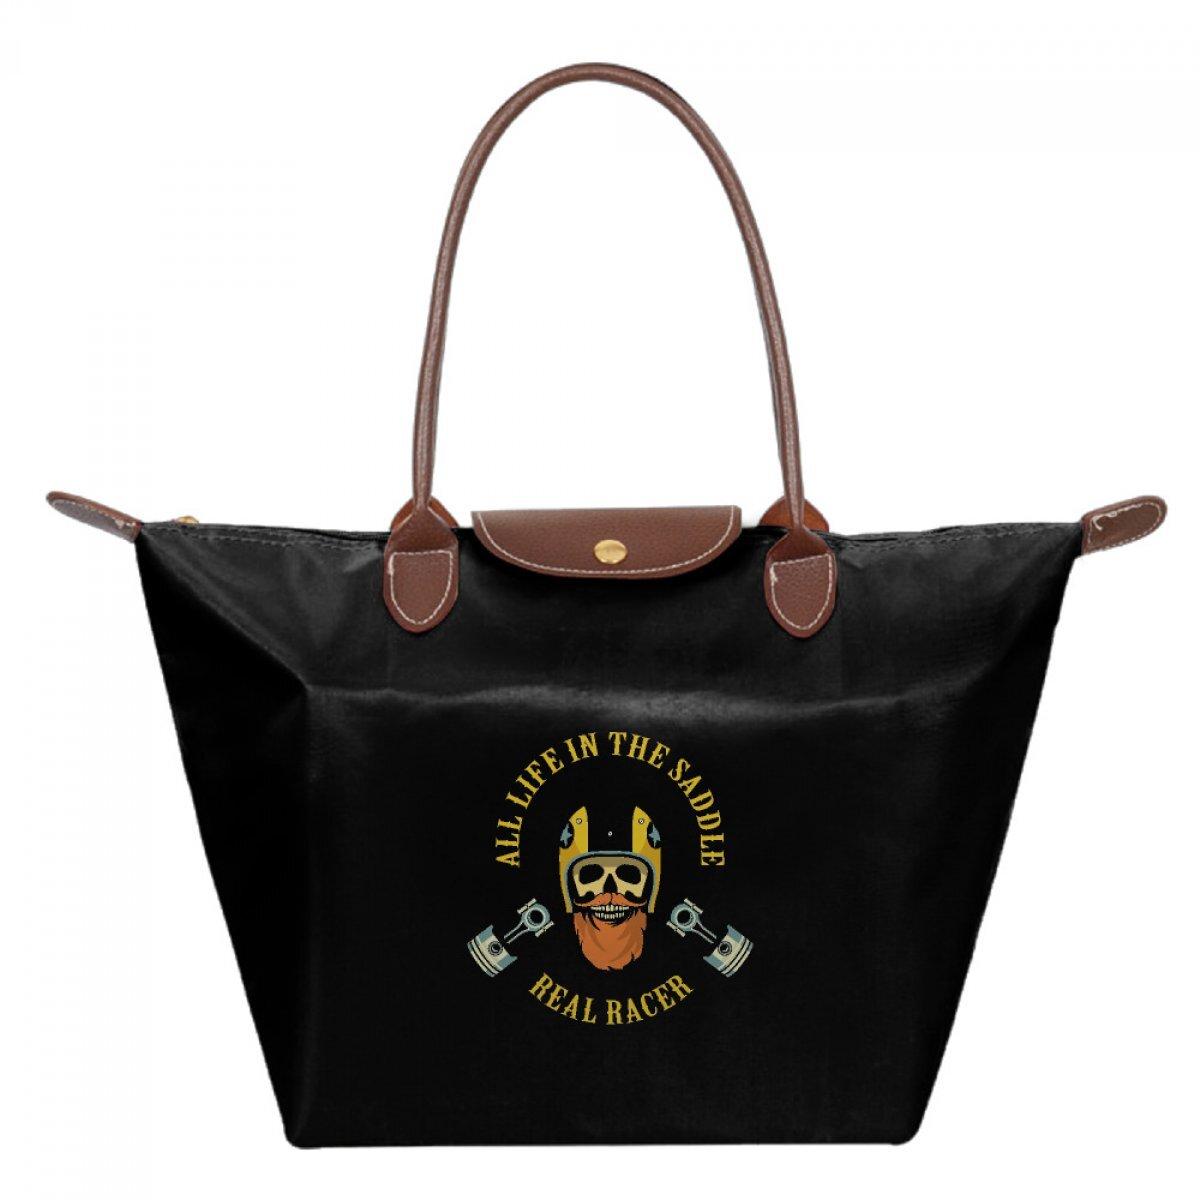 PhoRock Ladies Handbag Guitar Printed Hobo Bag JZKL014 0